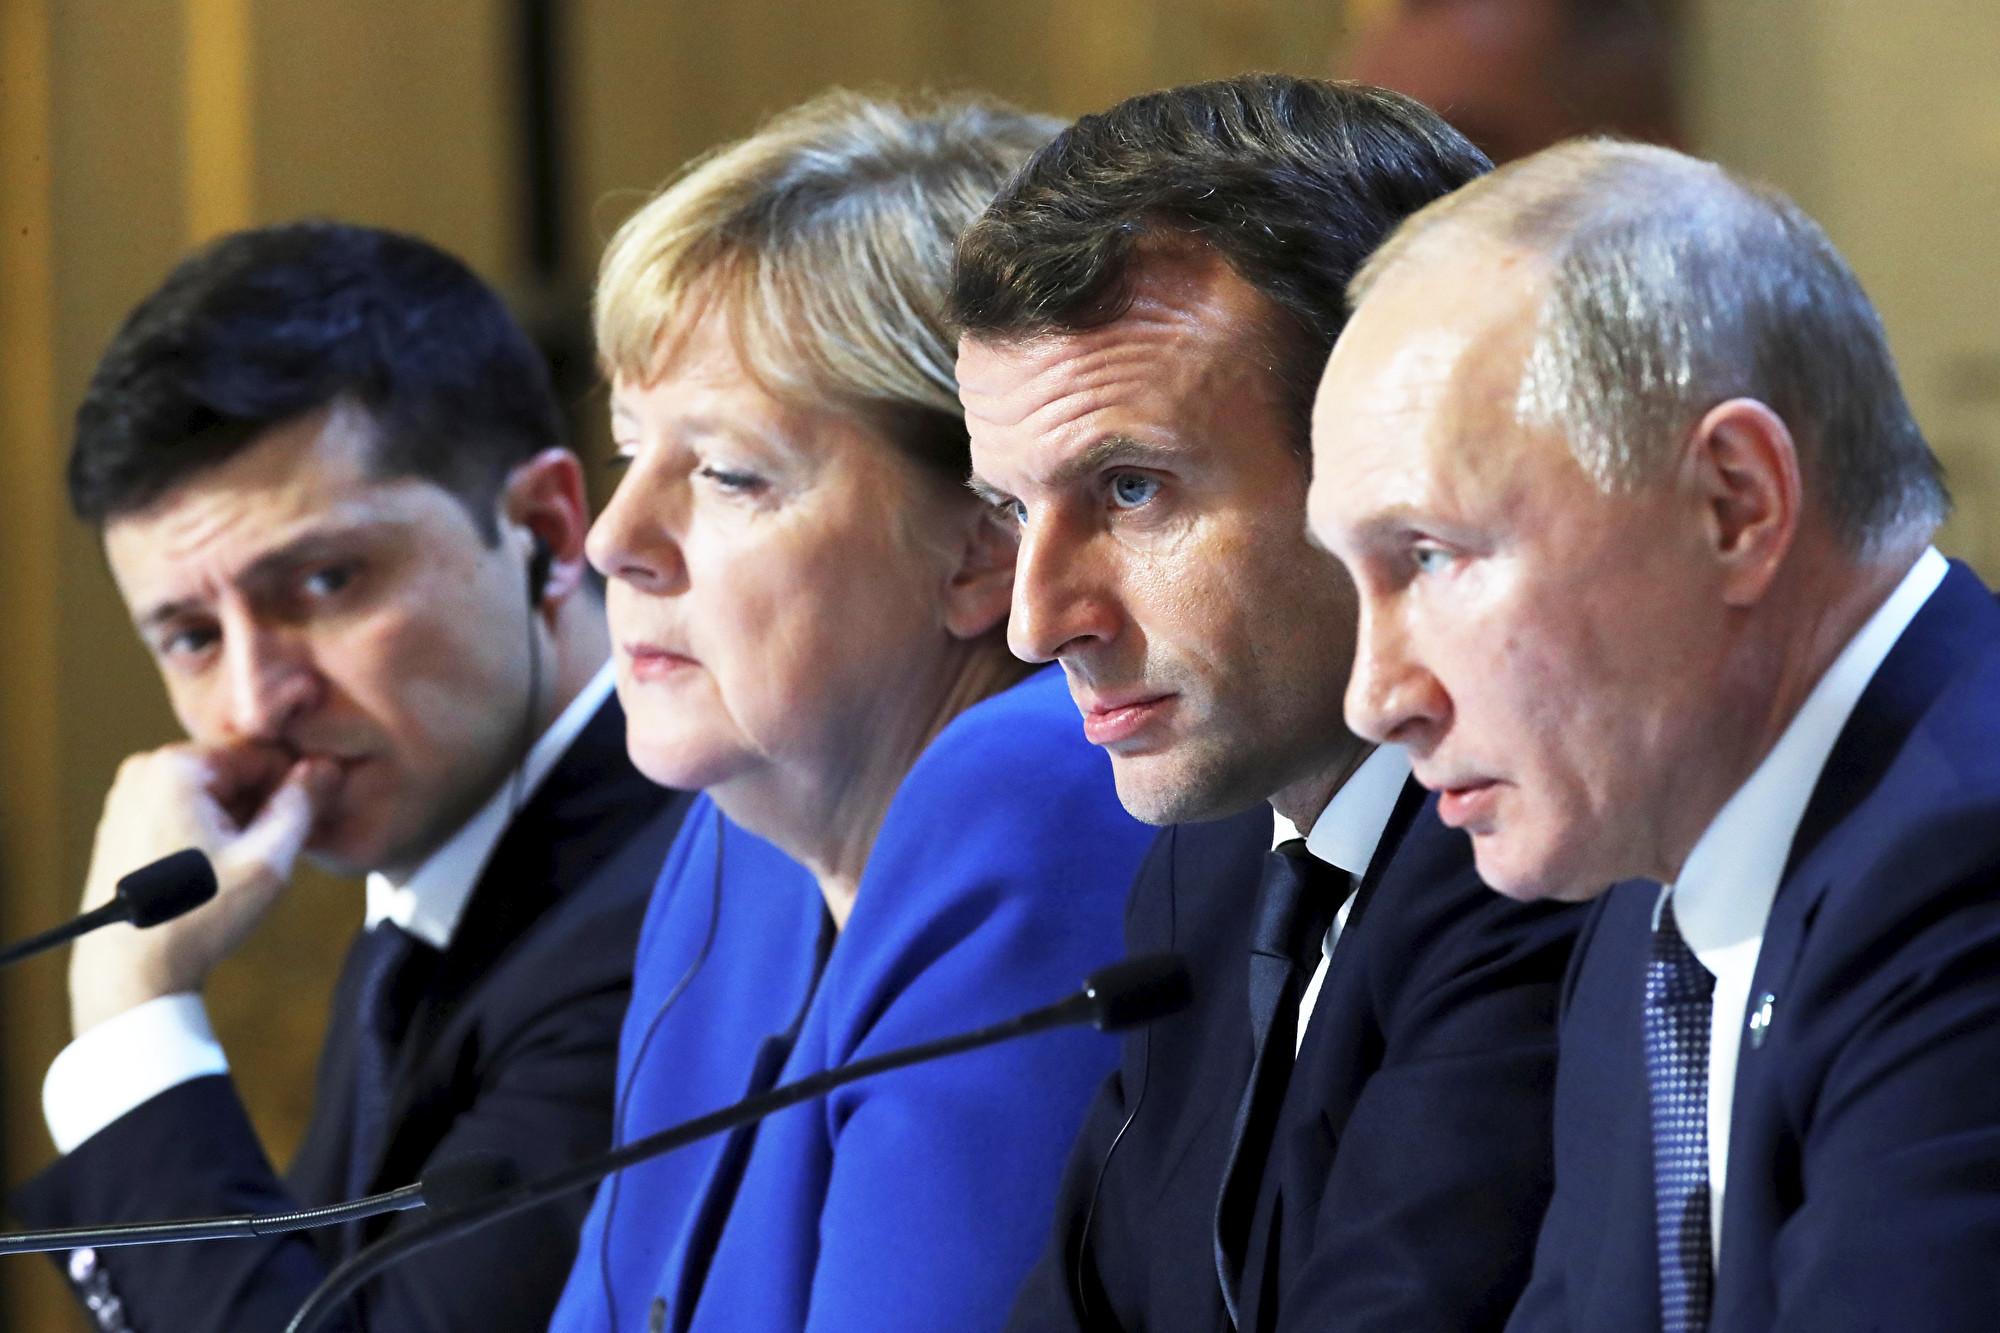 莫斯科對等驅逐德國外交官 德外長斥普京撒謊